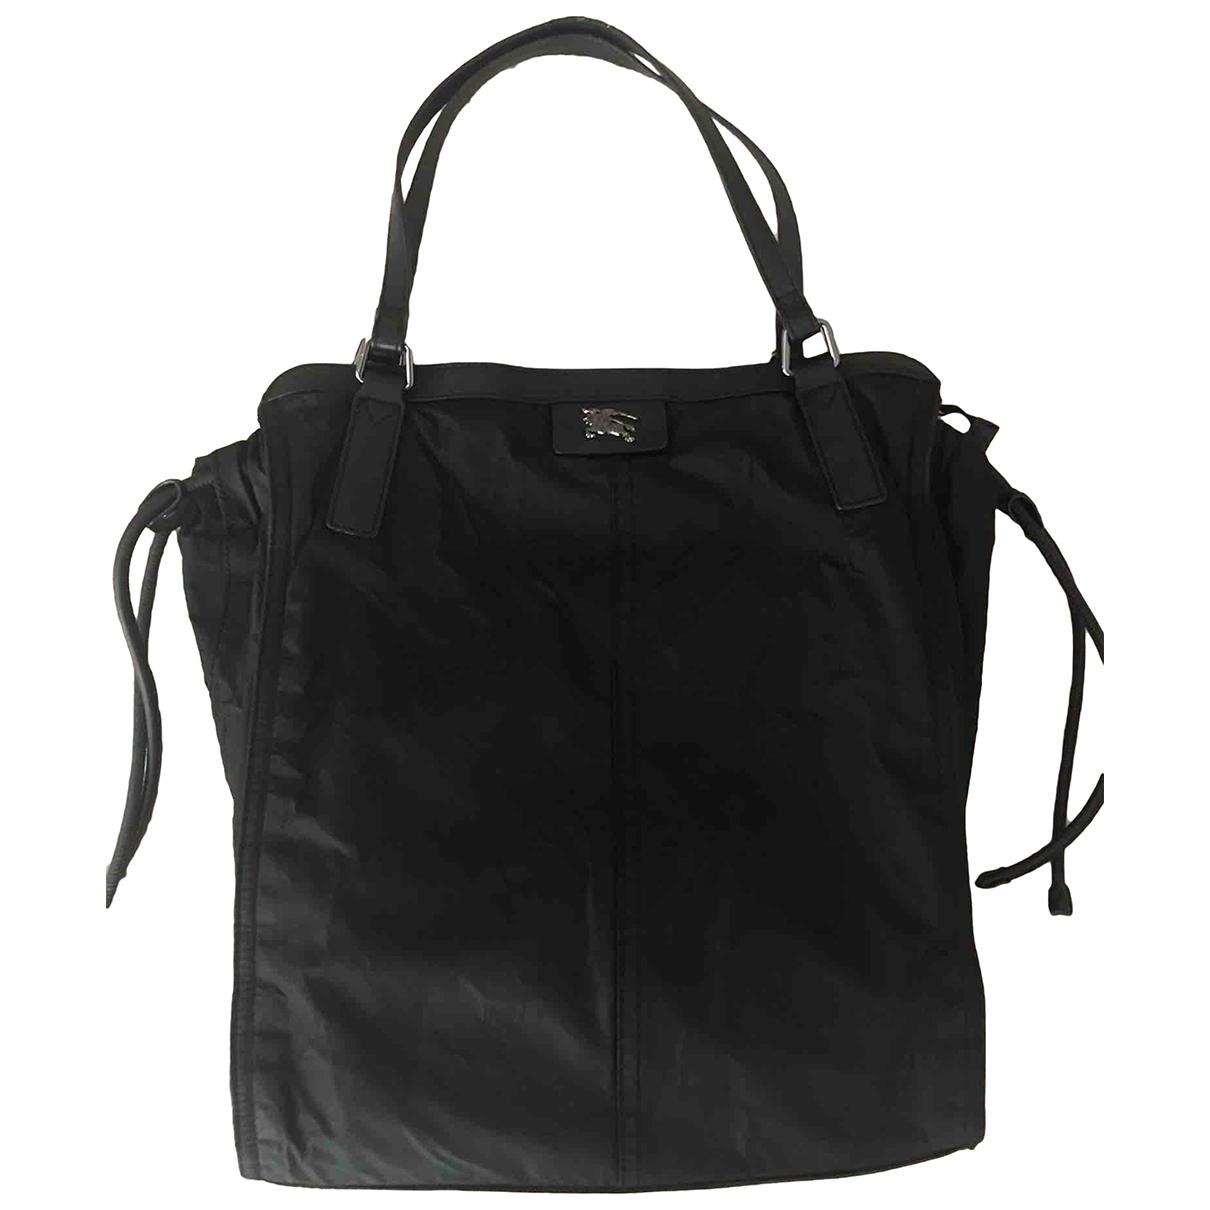 Burberry \N Handtasche in  Schwarz Leinen